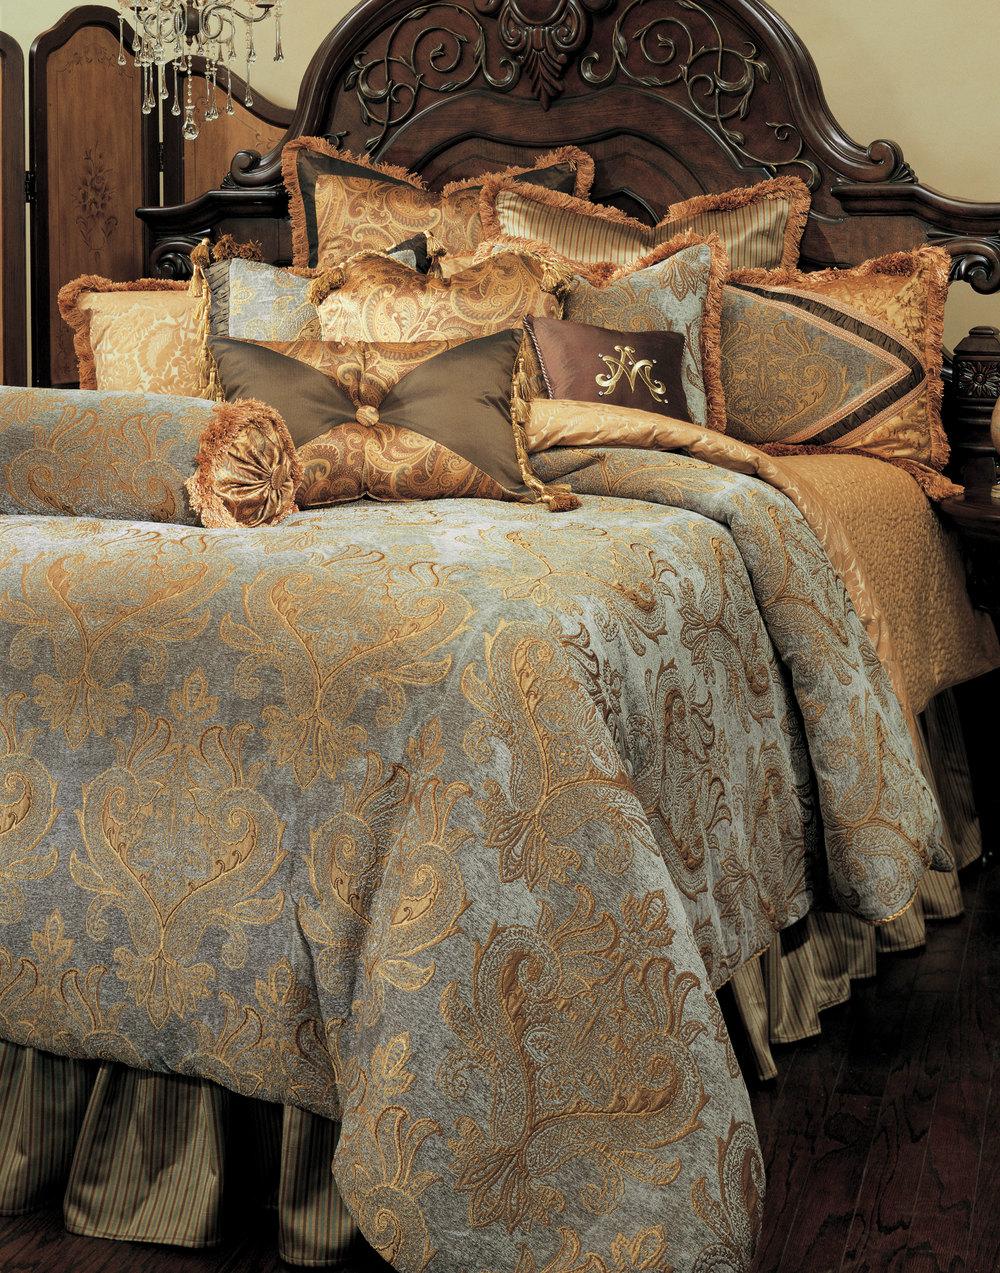 Michael Amini - Elizabeth Queen Comforter Set, 12 pc